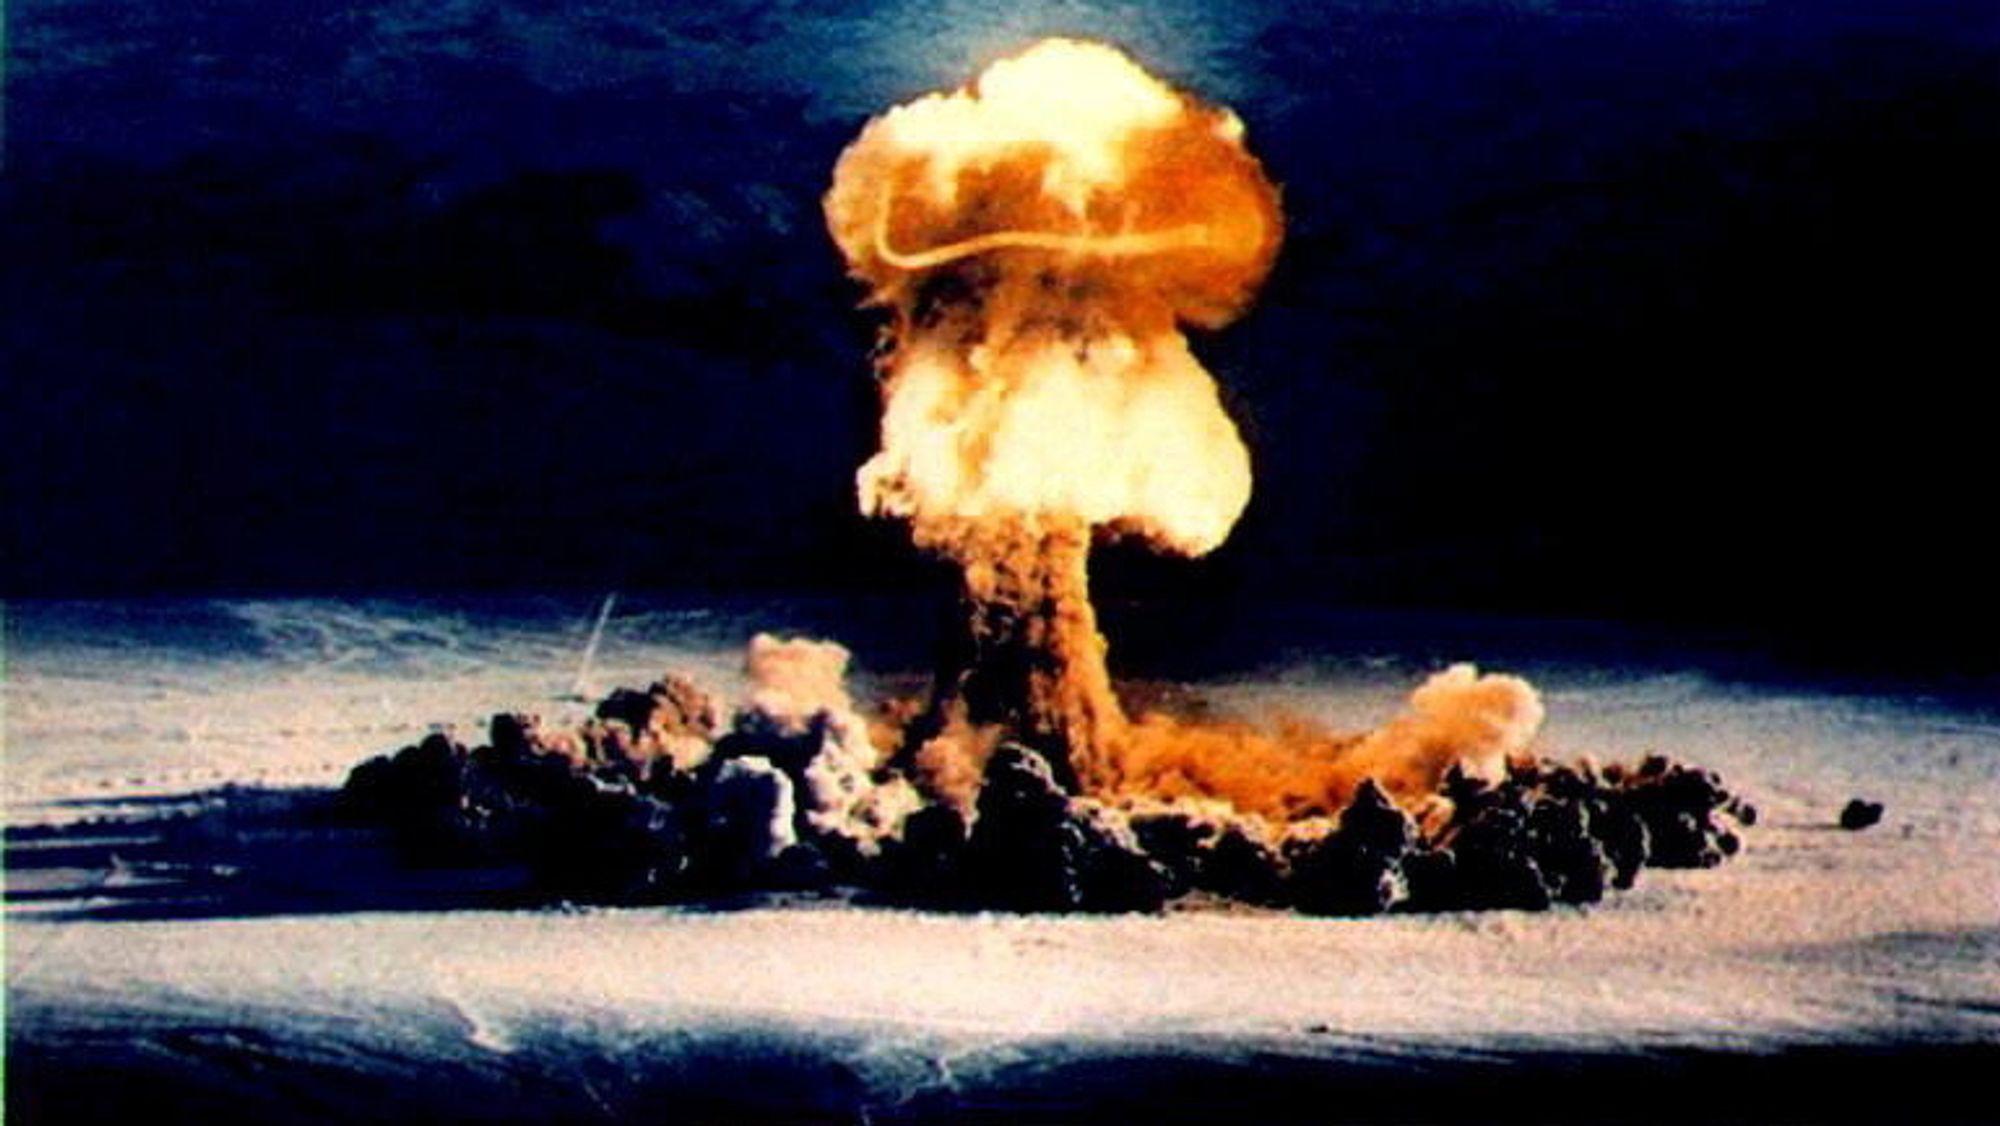 Siden den kalde krigens slutt har både Russland og USA redusert sine atomvåpenarsenaler, inkludert antallet landbaserte missiler. Bildet er fra en amerikansk prøvesprenging i Nevada på 1950-tallet.